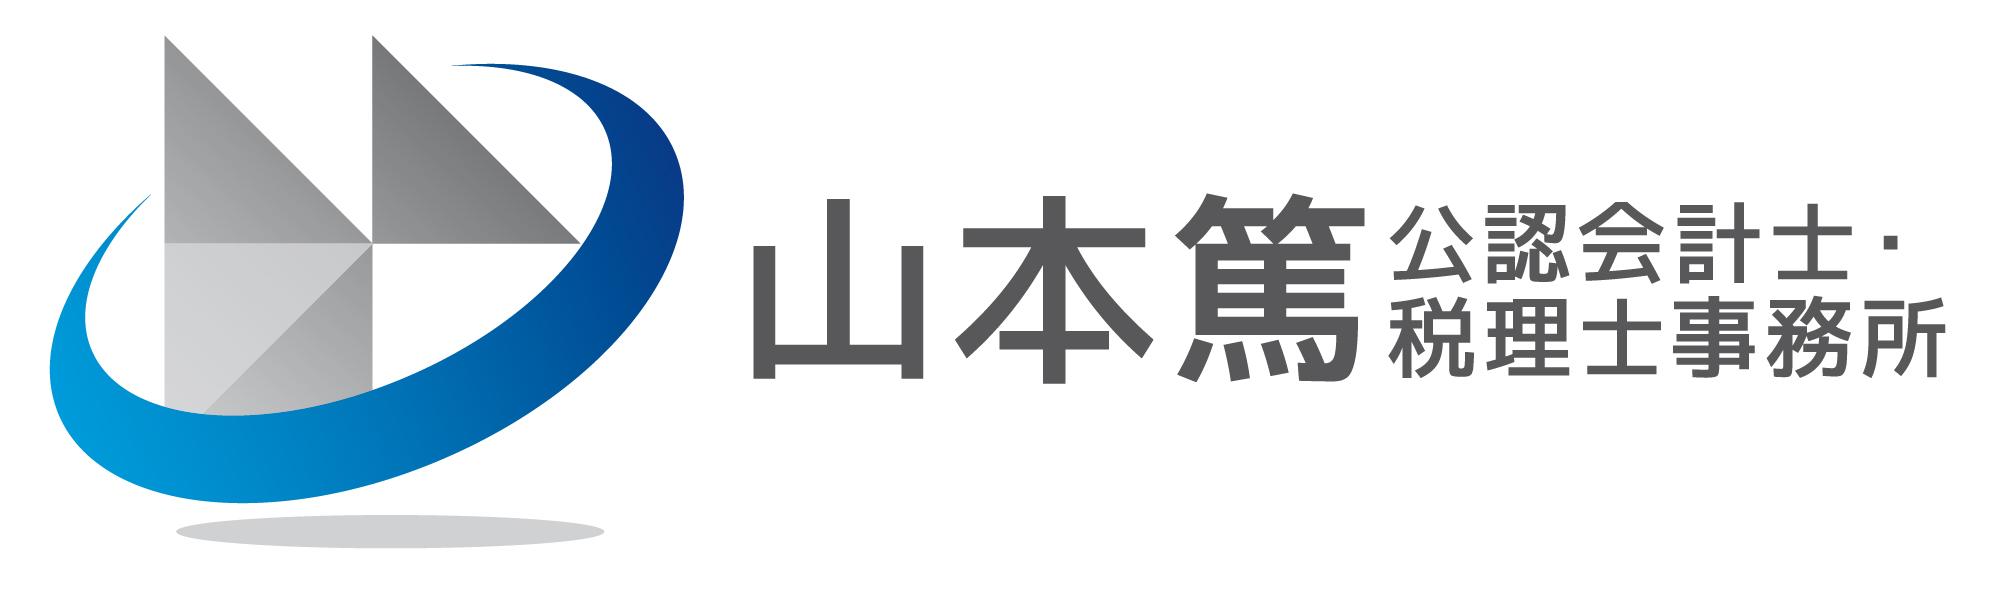 山本篤公認会計士・税理士事務所(神戸)